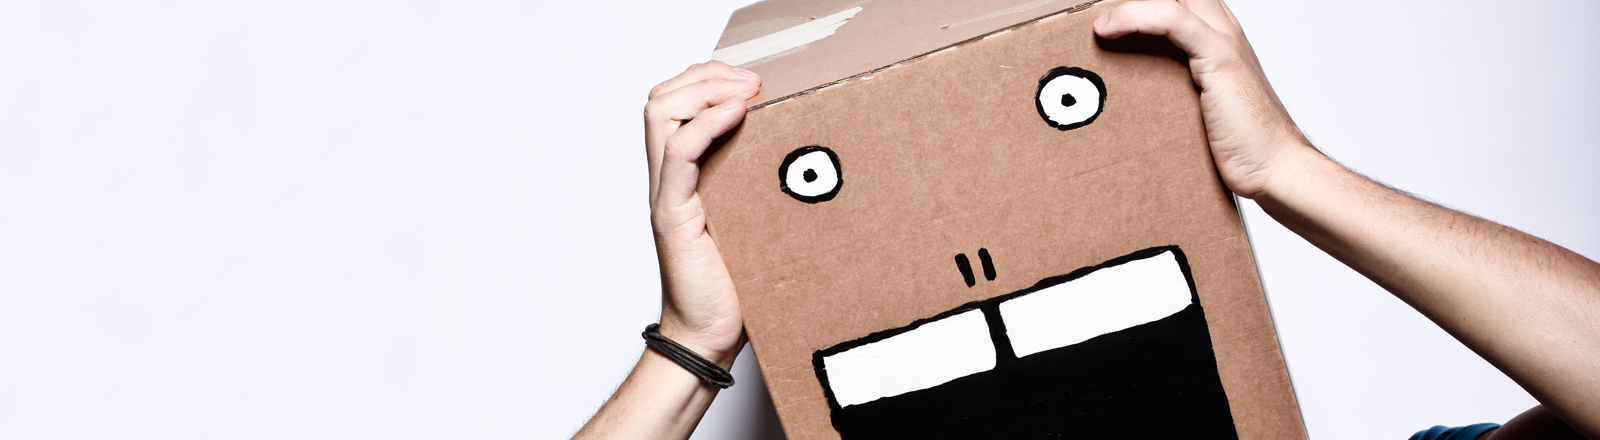 Ein Mann mit einem Karton auf dem Kopf, auf den ein schreiendes Gesicht gemalt wurde.